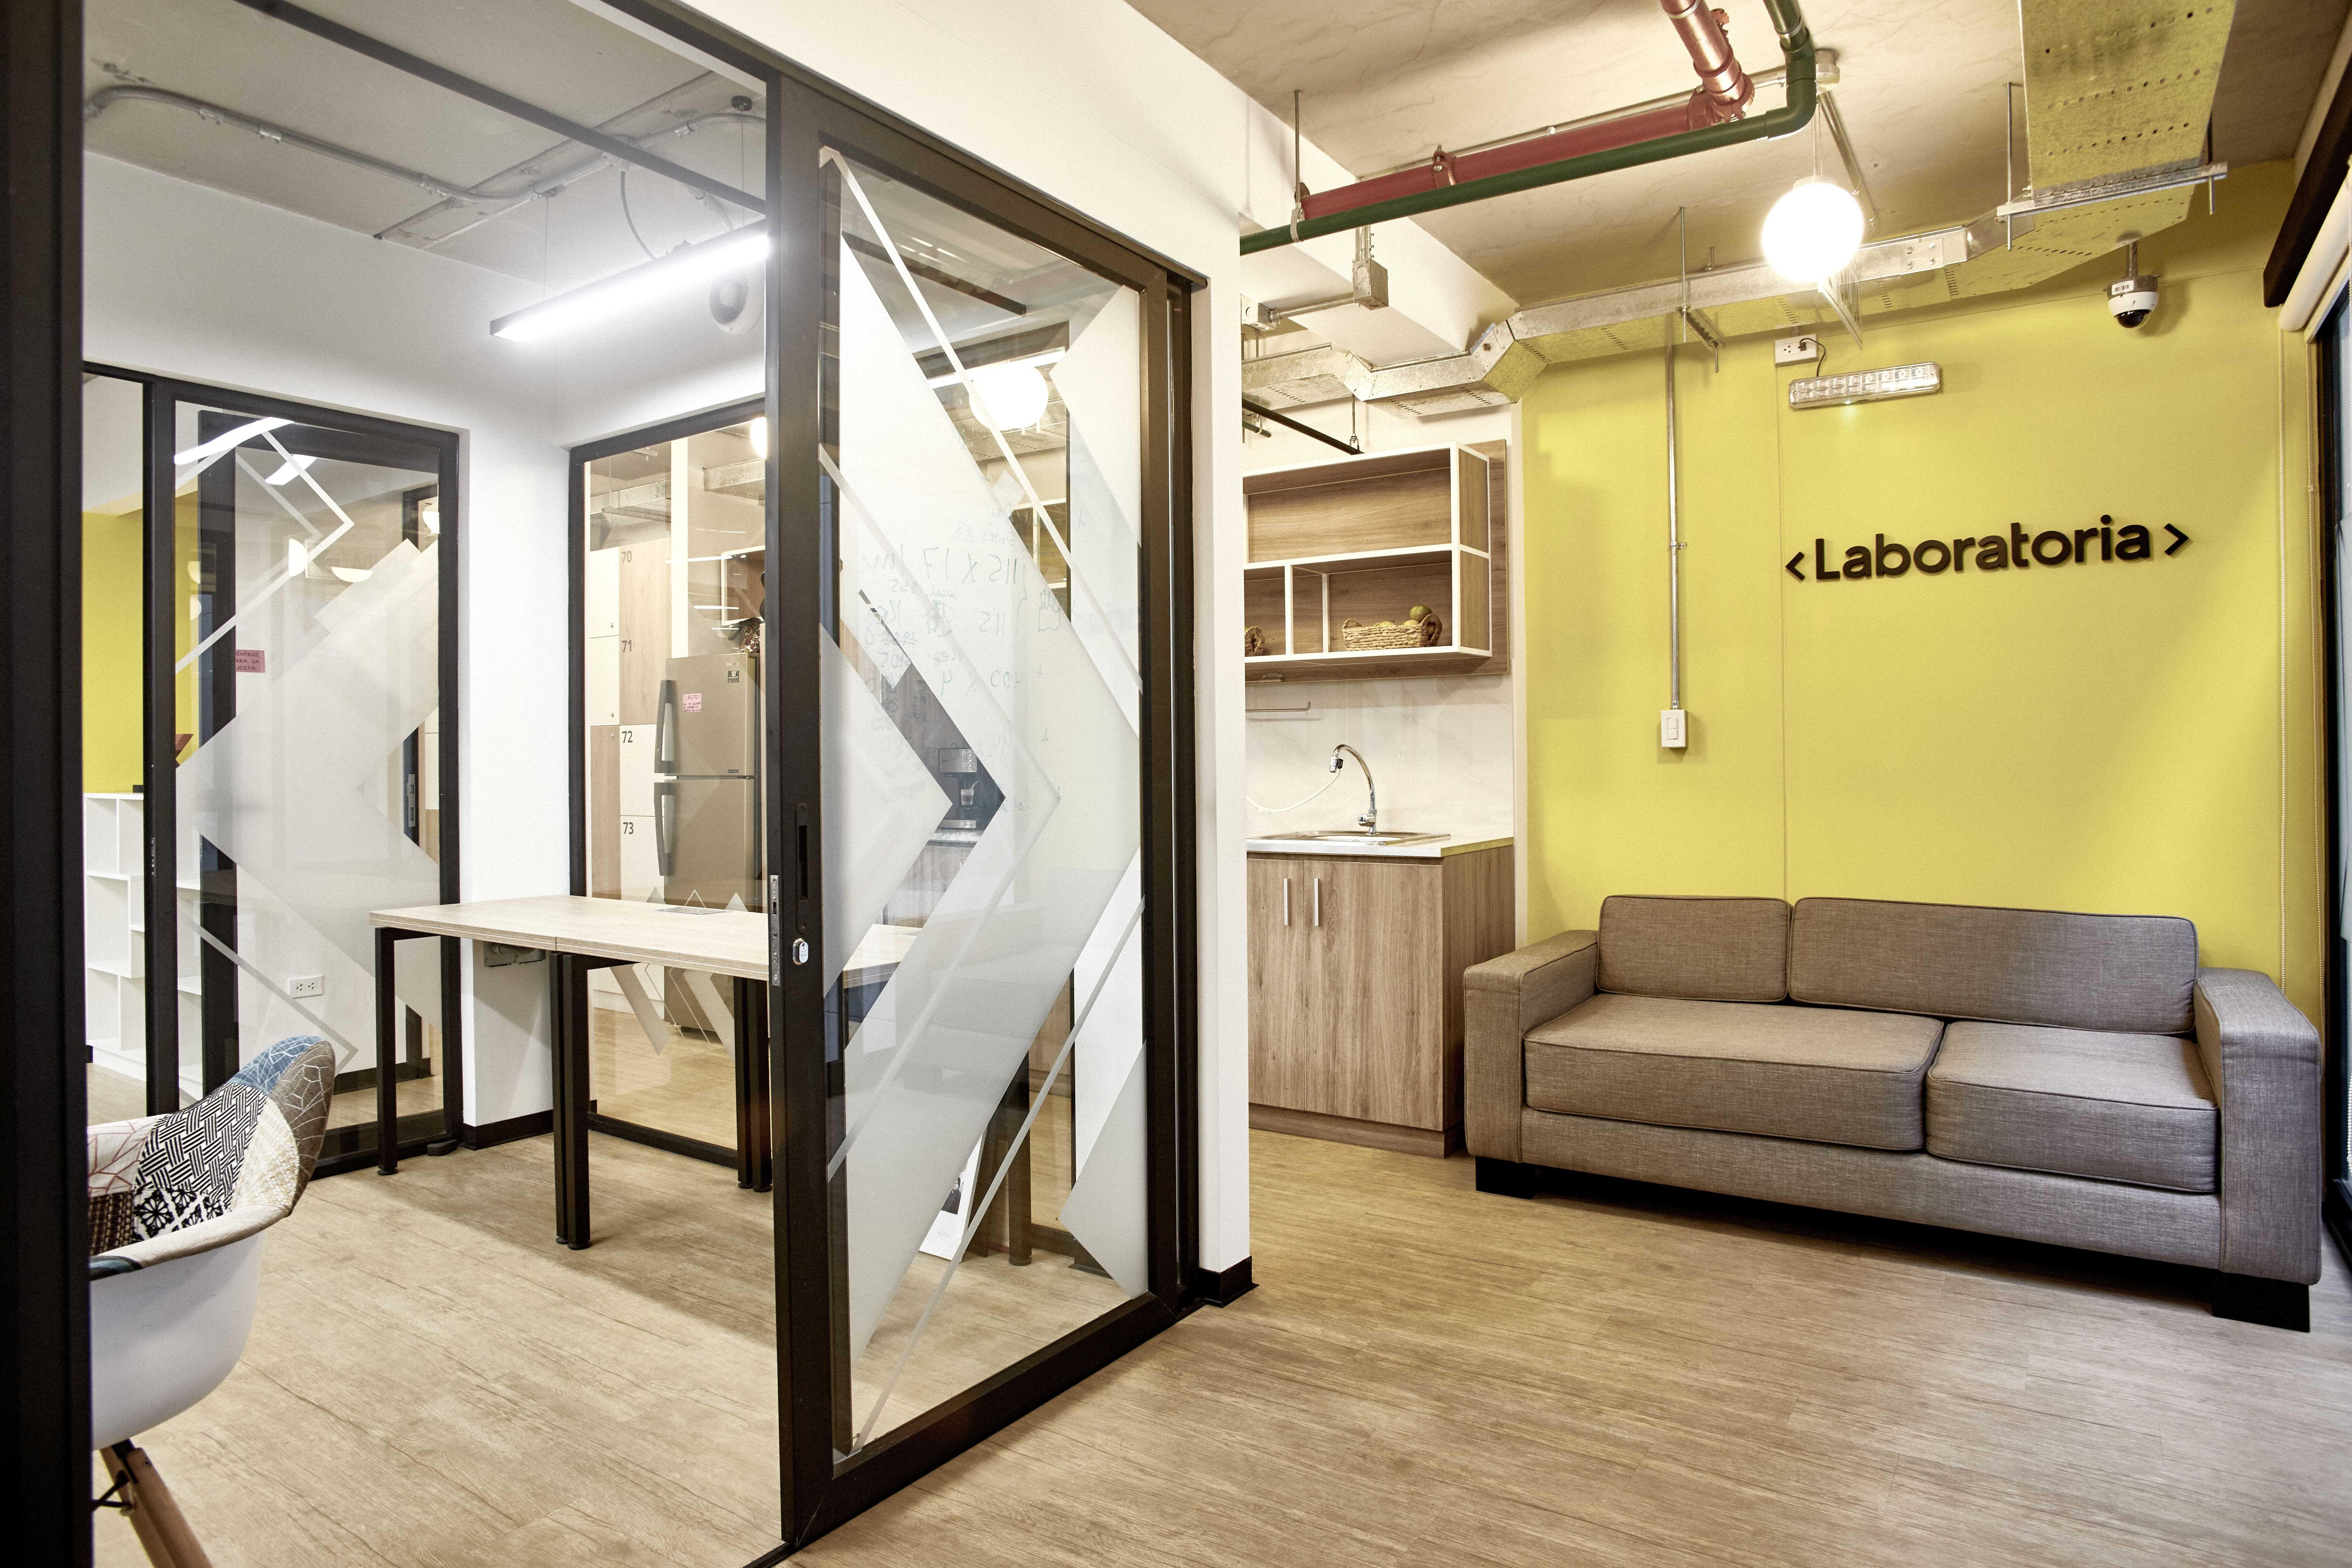 oficinas de laboratoria en comunal